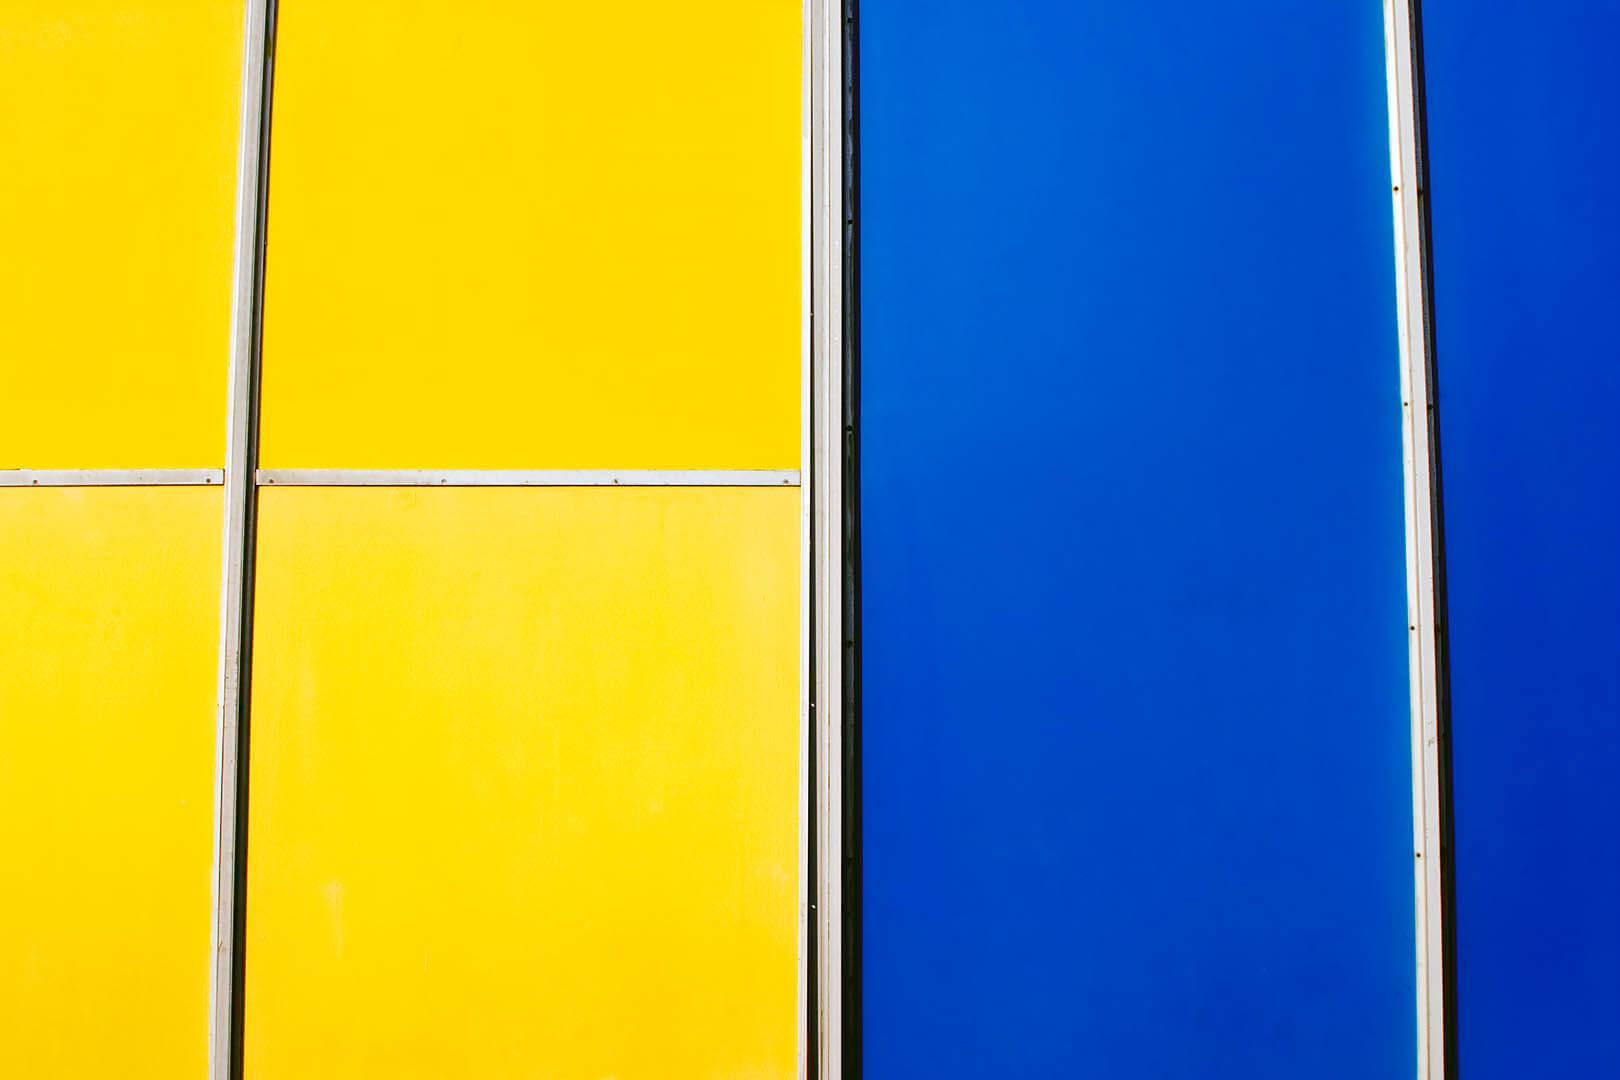 Blue And Yellow III